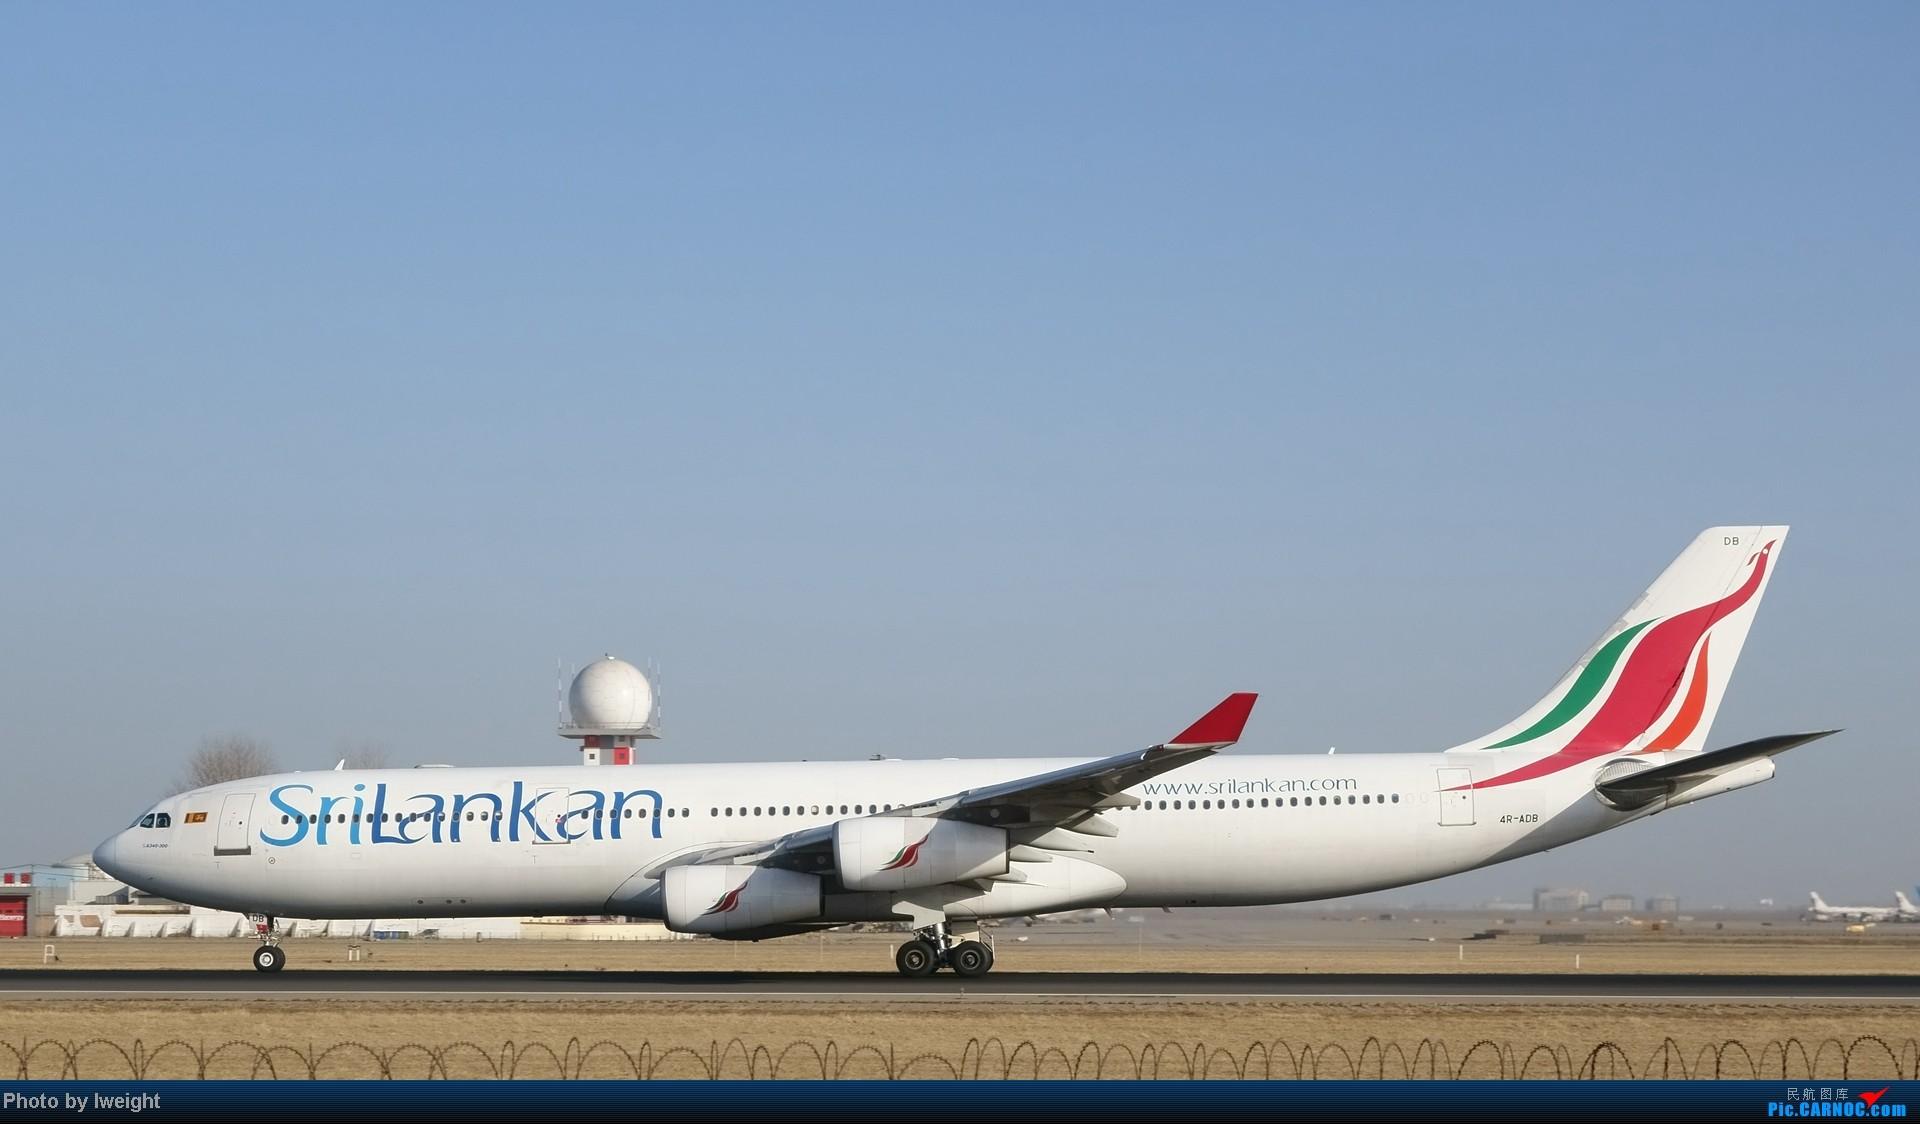 Re:[原创]2014的第一天 AIRBUS A340-300 4R-ADB 中国北京首都机场